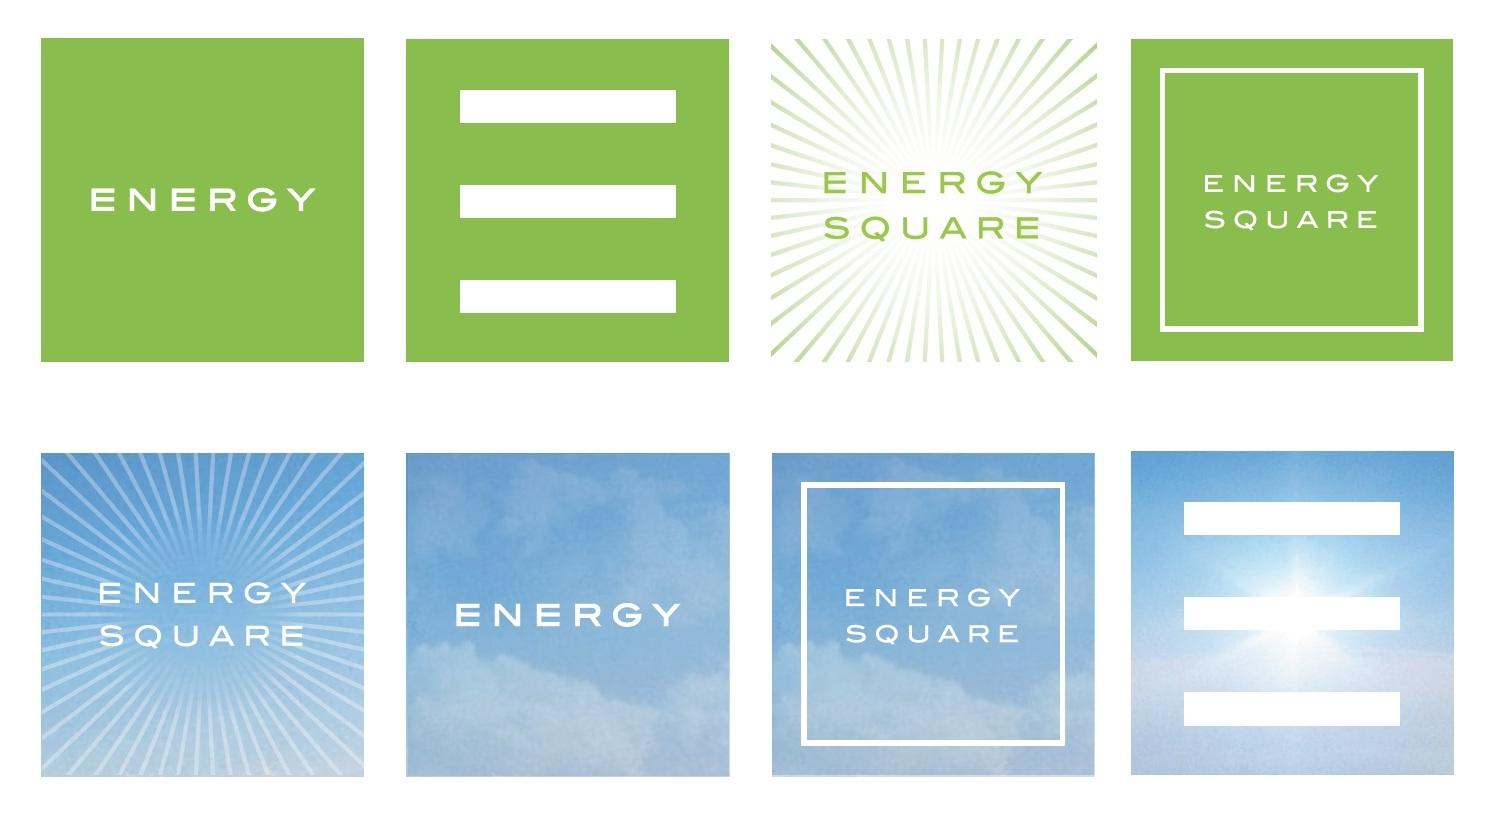 Energy%2BSquare%2BKingston%2BNew%2BYork%2BRupco%2BCommunity%2BHousing%2BNet%2BZero%2Bfor%2BLiving%2BNew%2BYork%2BState%2BHousing%2BFair%2BRent%2BCarla%2BRozman%2BGraphic%2BDesign%2BHudson%2BValley%2BLogo%2BDesign.jpg